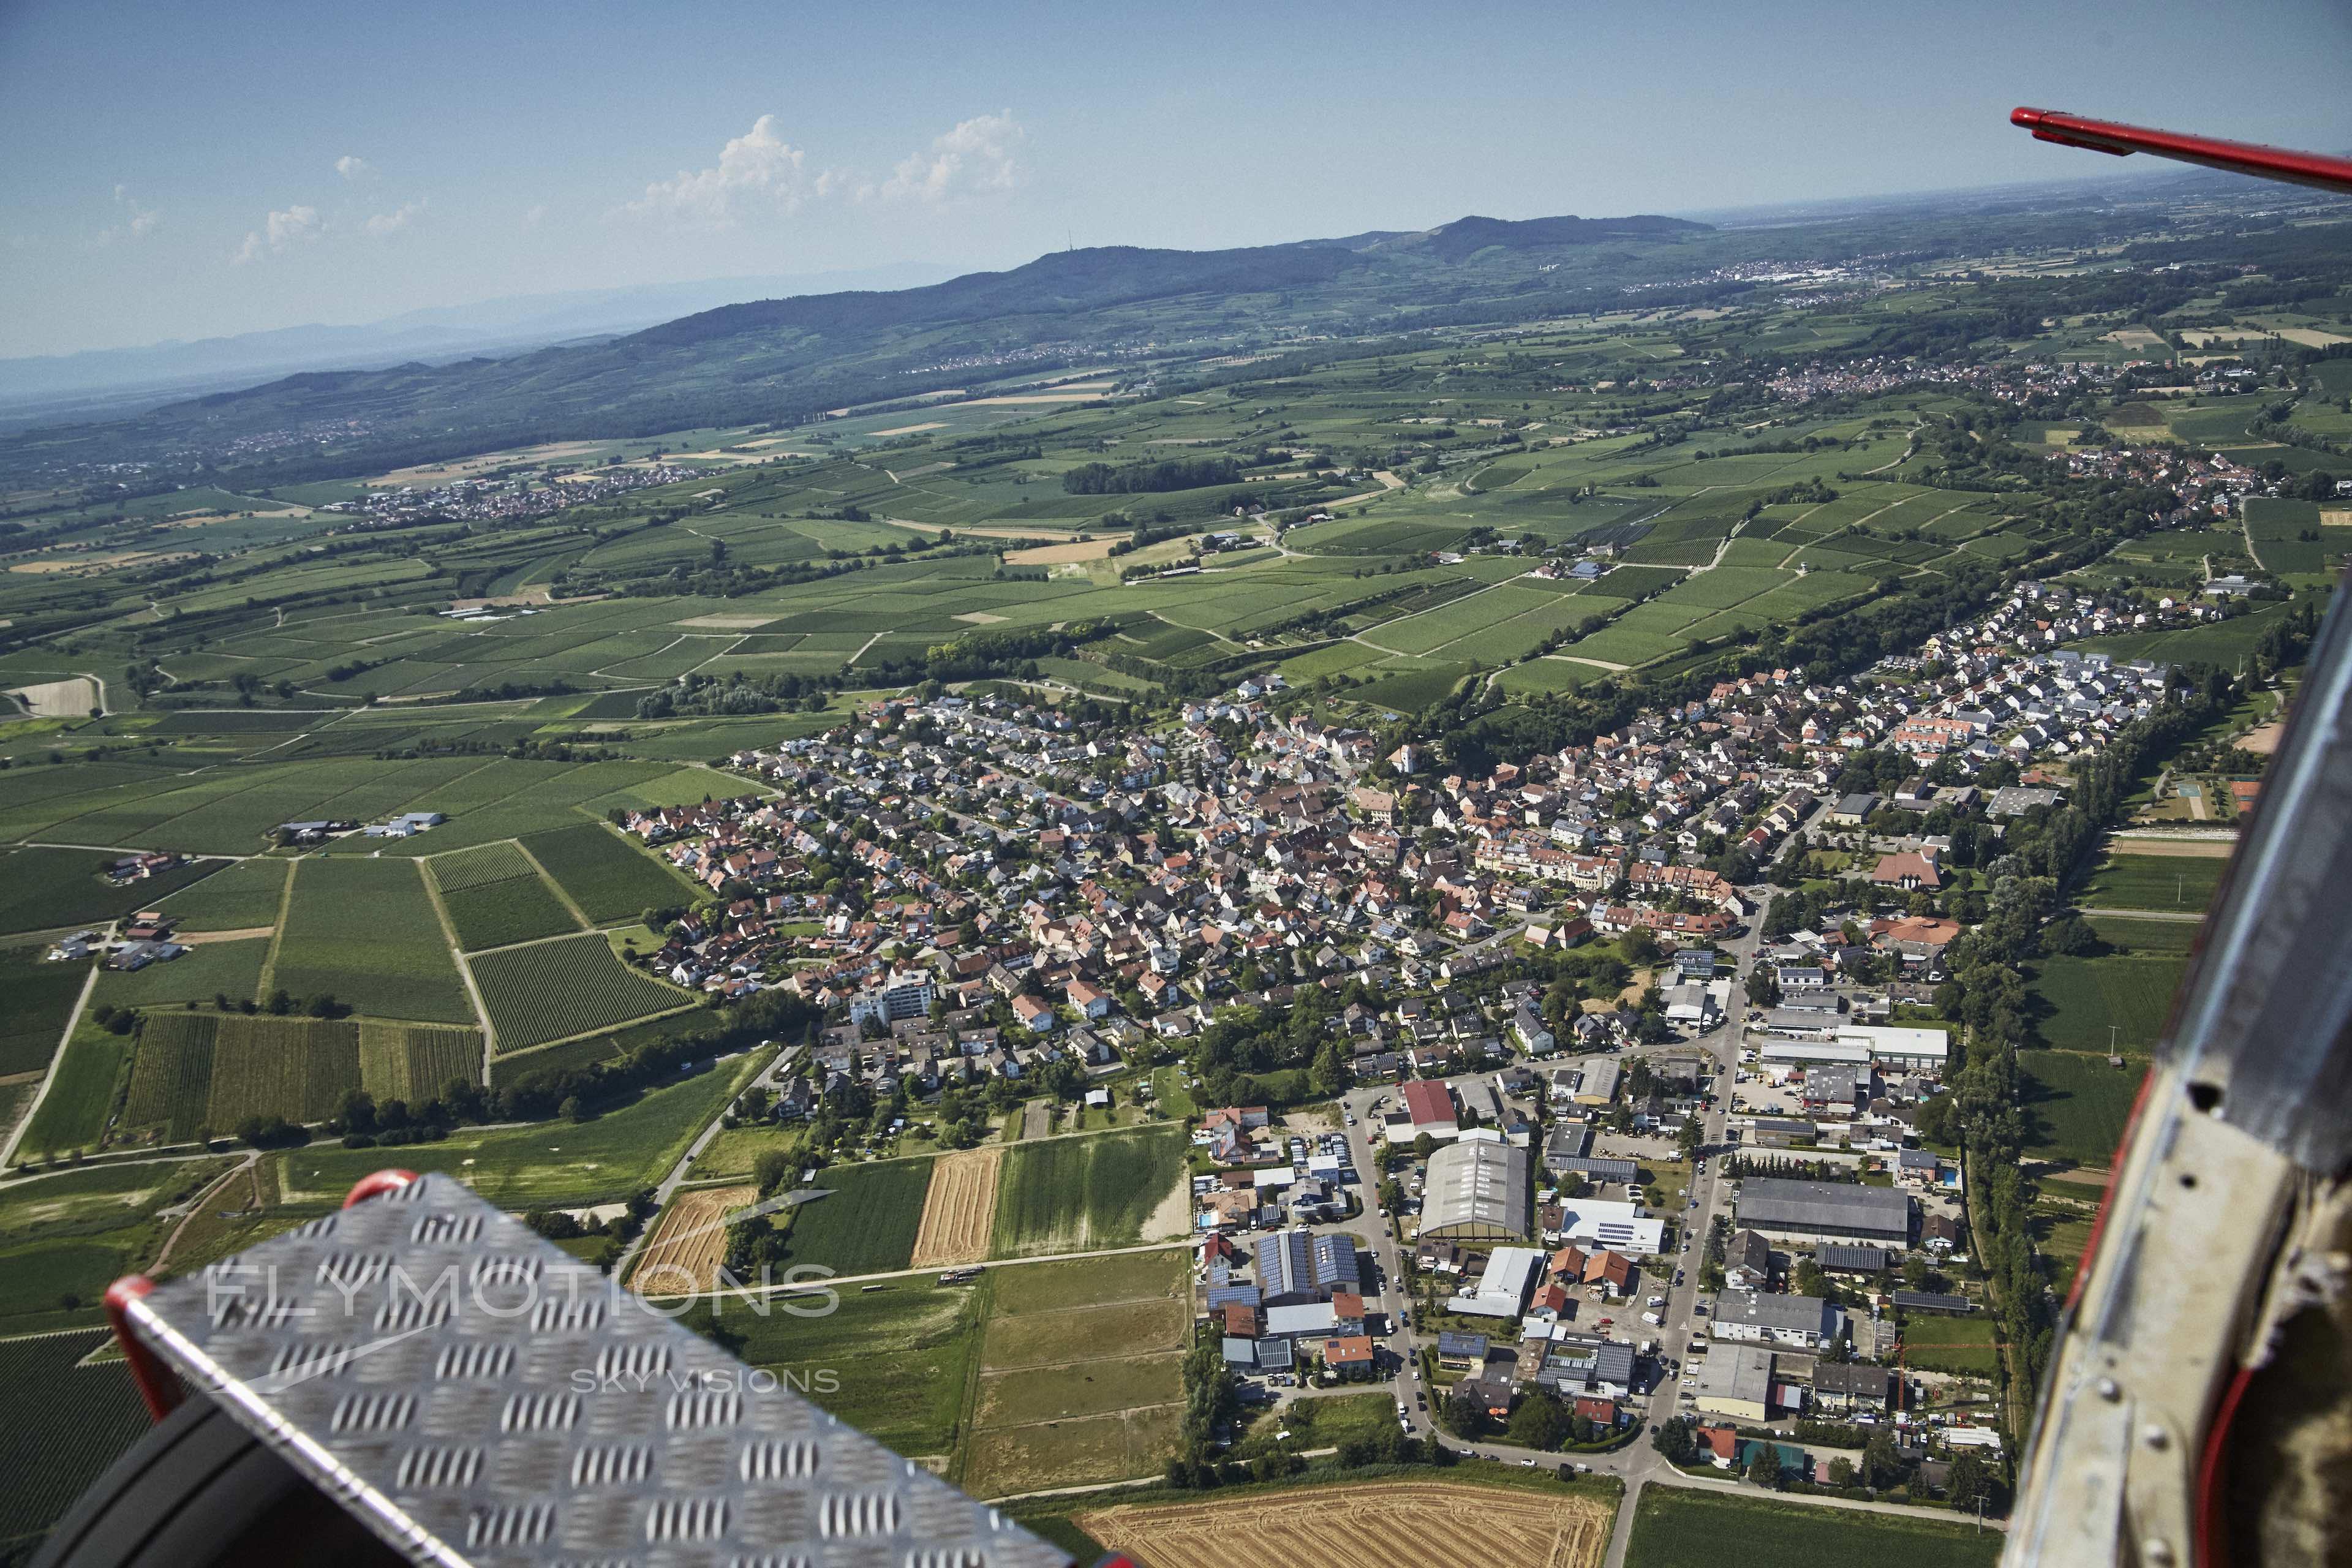 Luftaufnahme Freiburg-Opfingen